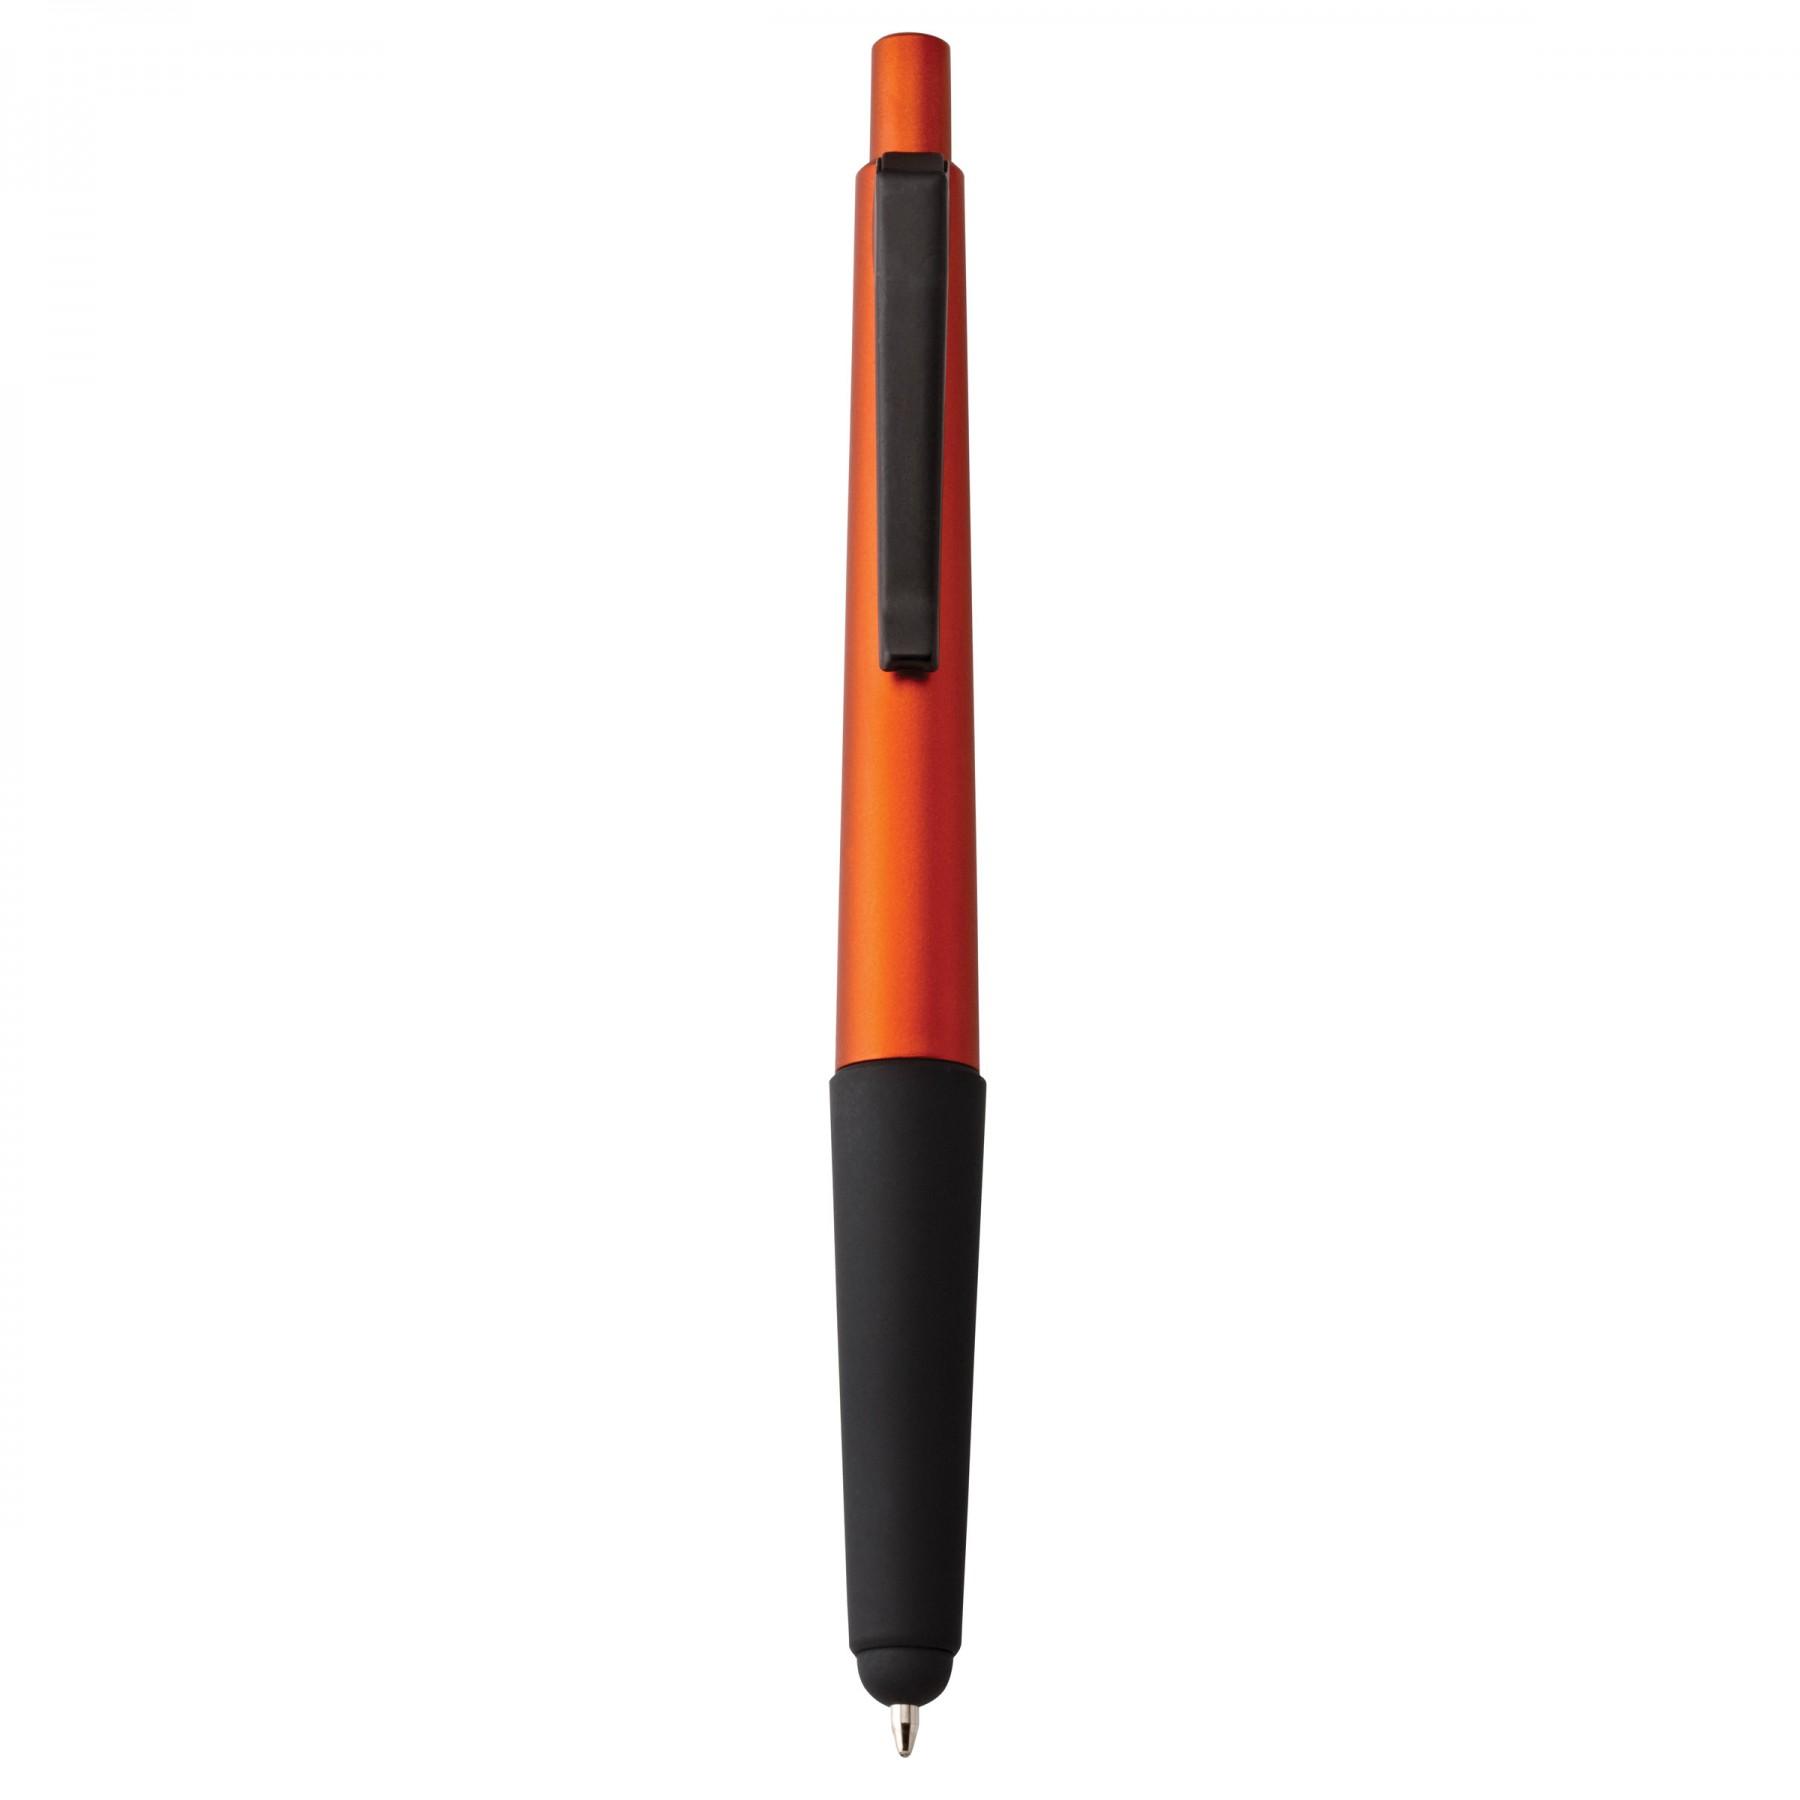 Oro Pen/Stylus, G1104, One Colour Imprint